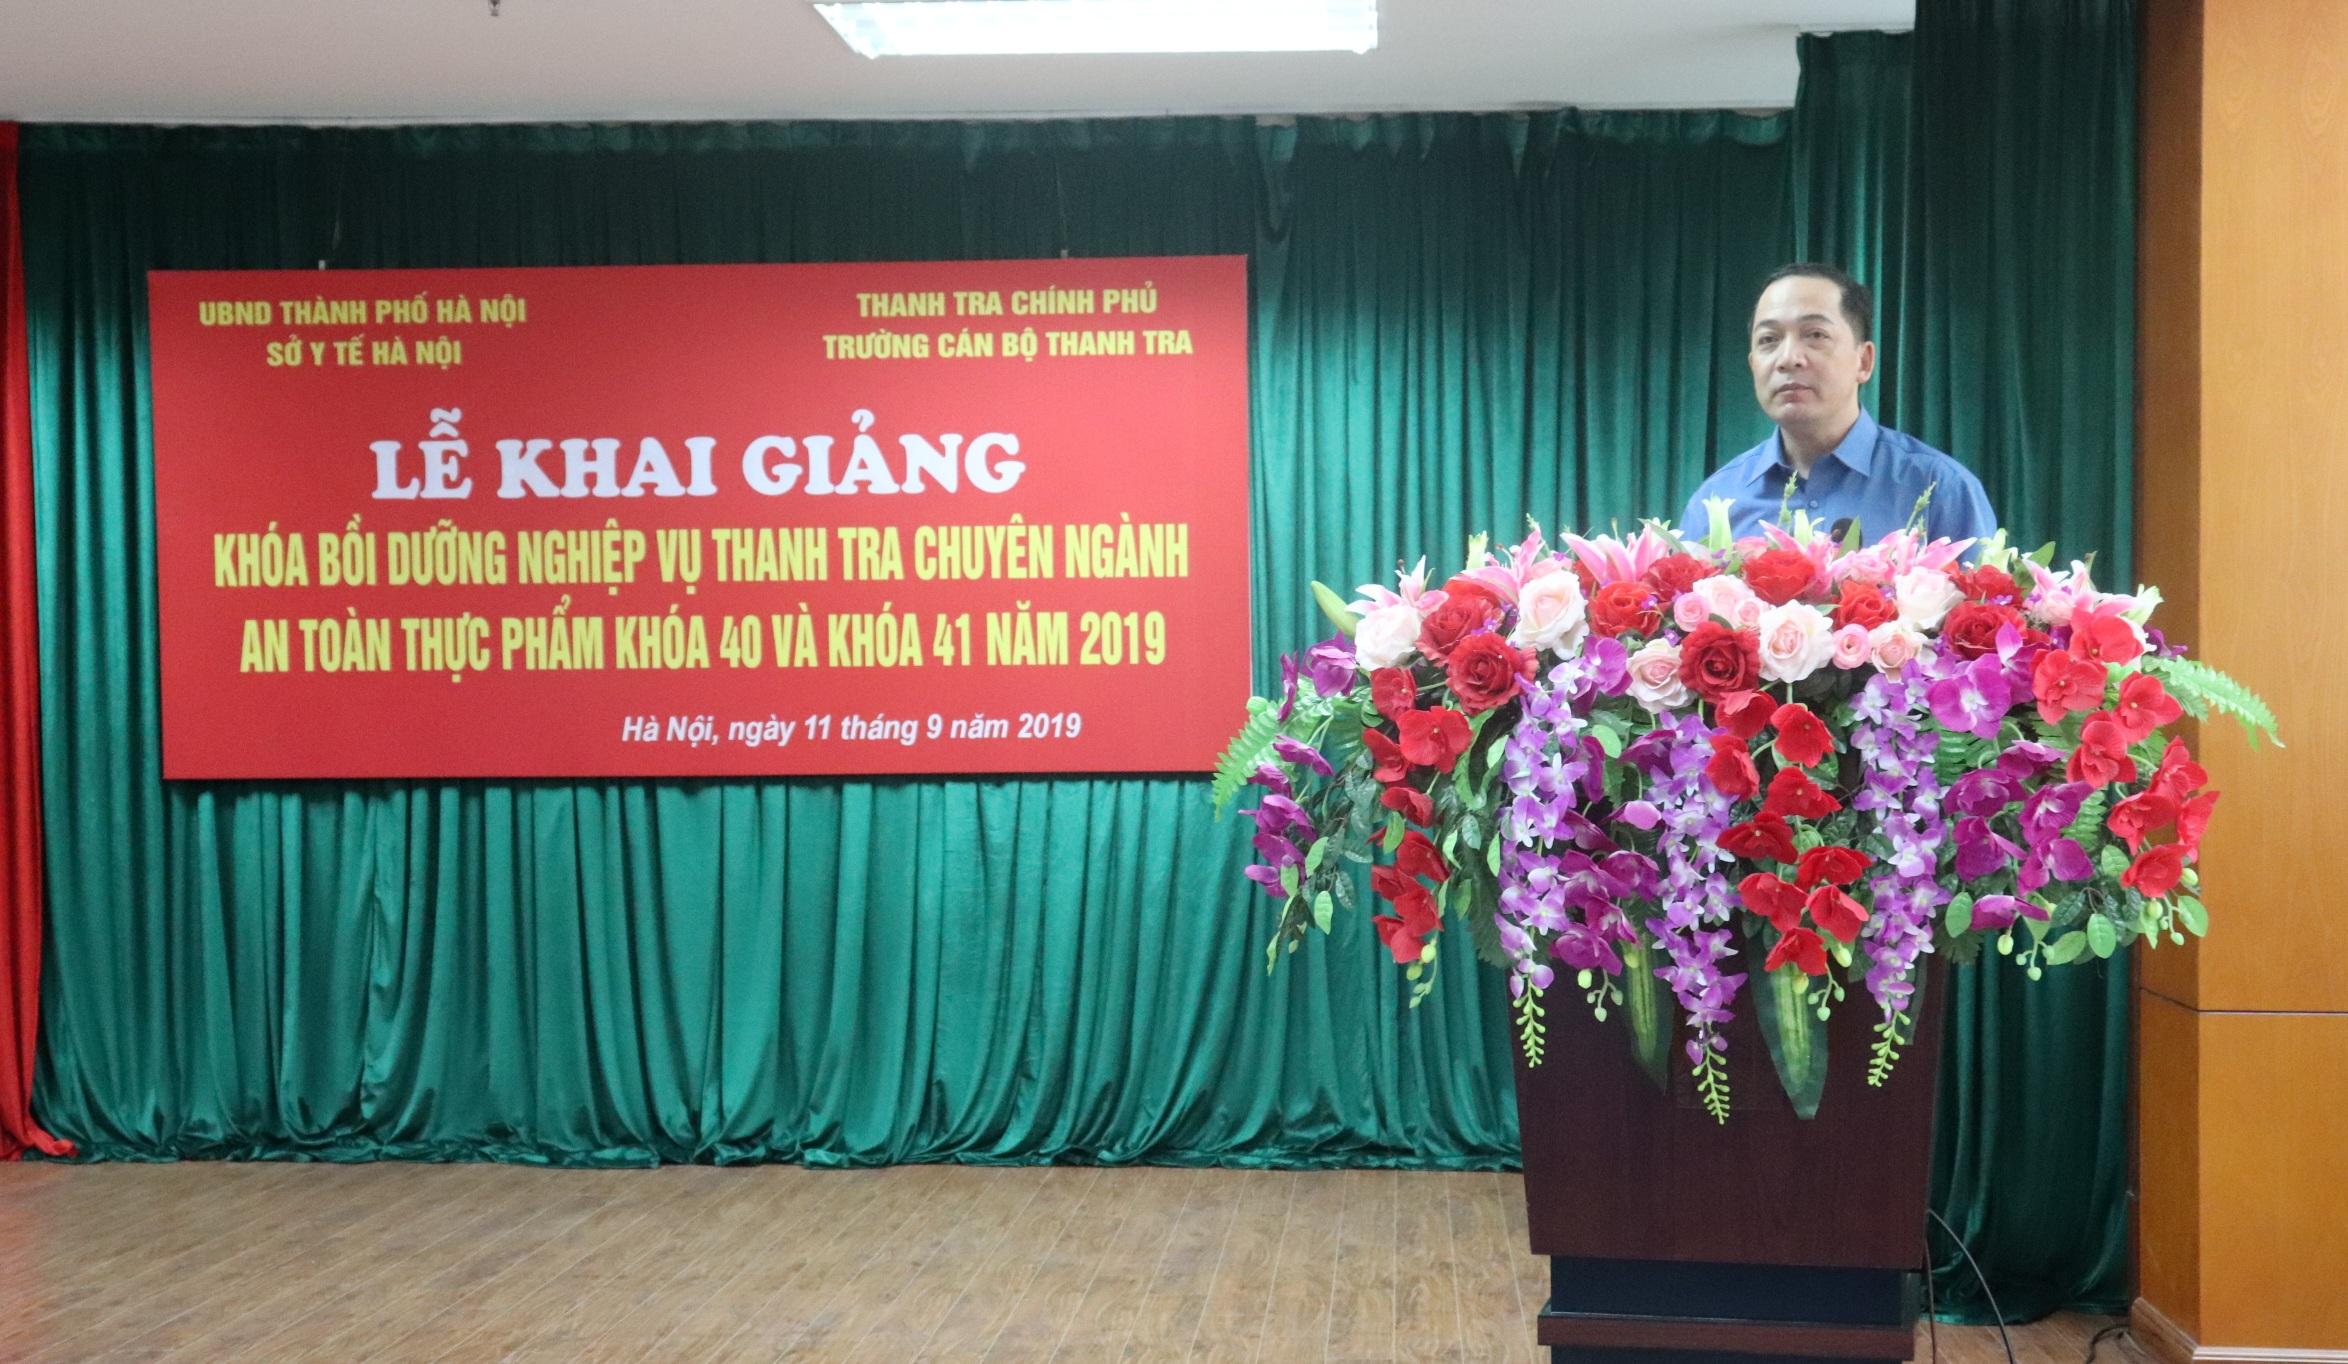 TS Nguyễn Huy Hoàng Phó Hiệu trưởng Nhà trường phát biểu khai giảng khóa học